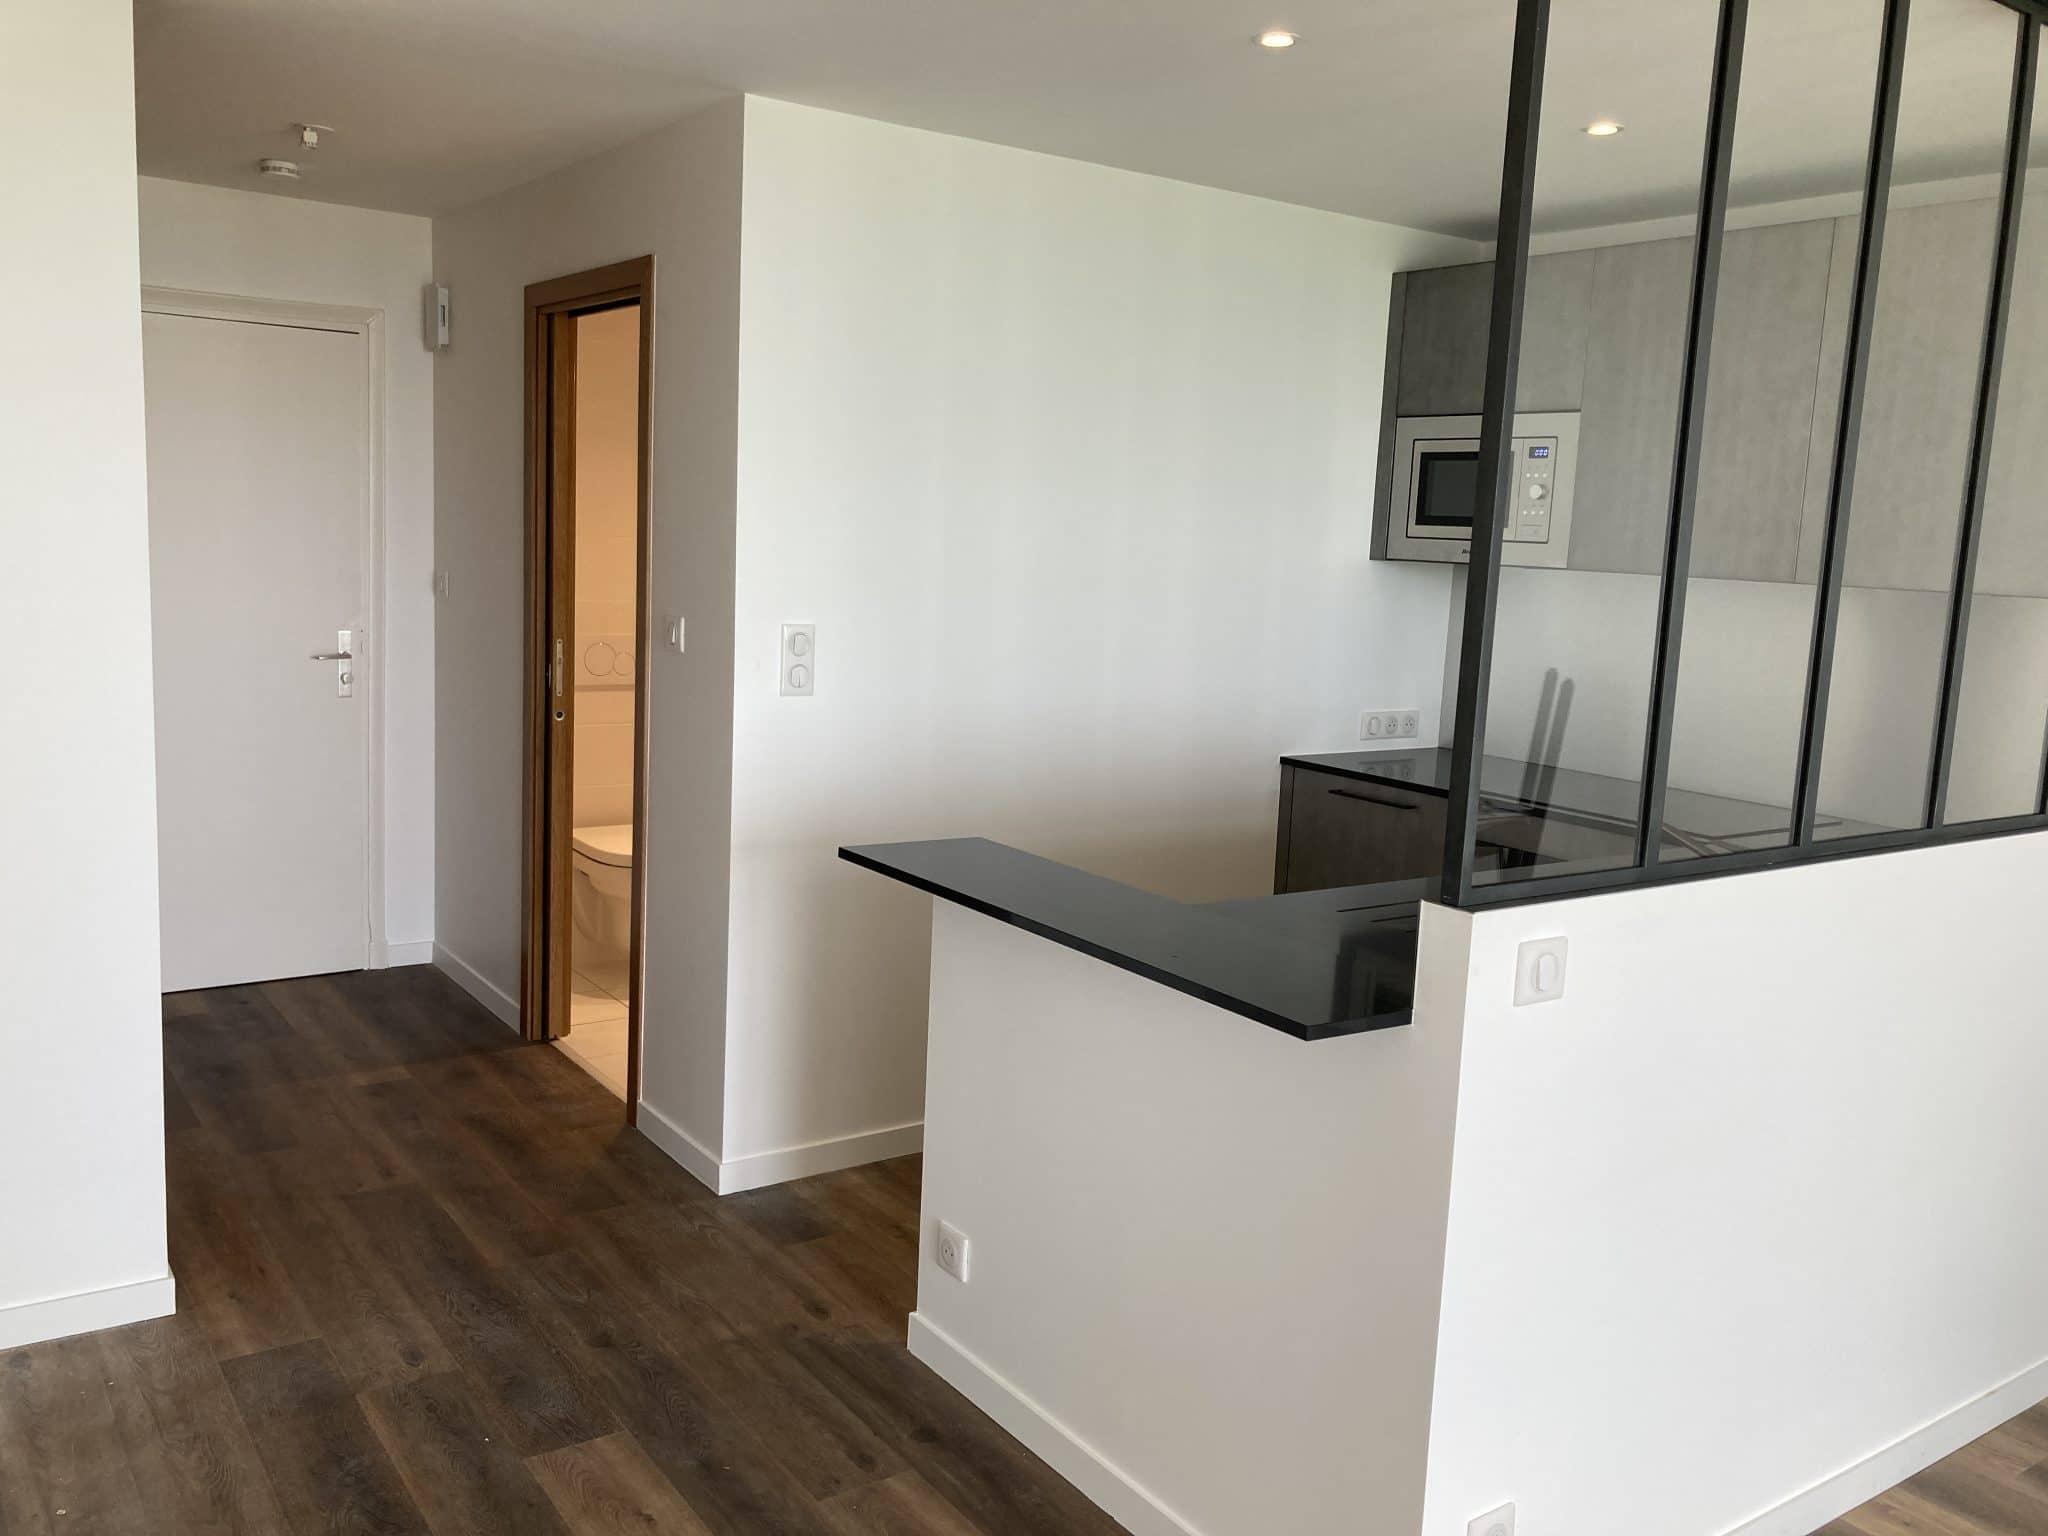 Rénovation complète d'un appartement à Quiberon (56)